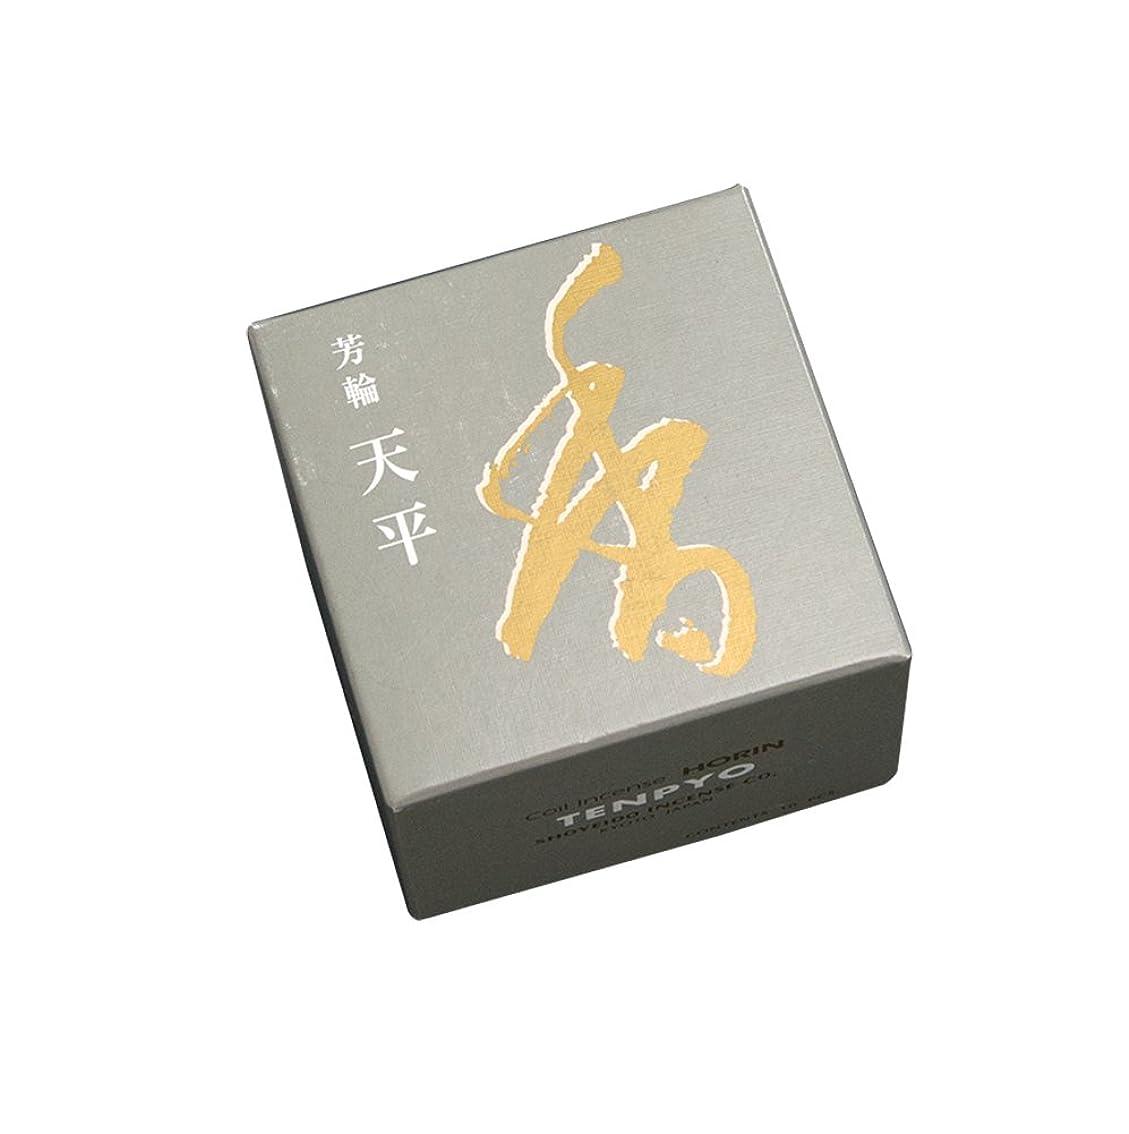 仮装起きる好ましい松栄堂のお香 芳輪天平 渦巻型10枚入 うてな角型付 #210521